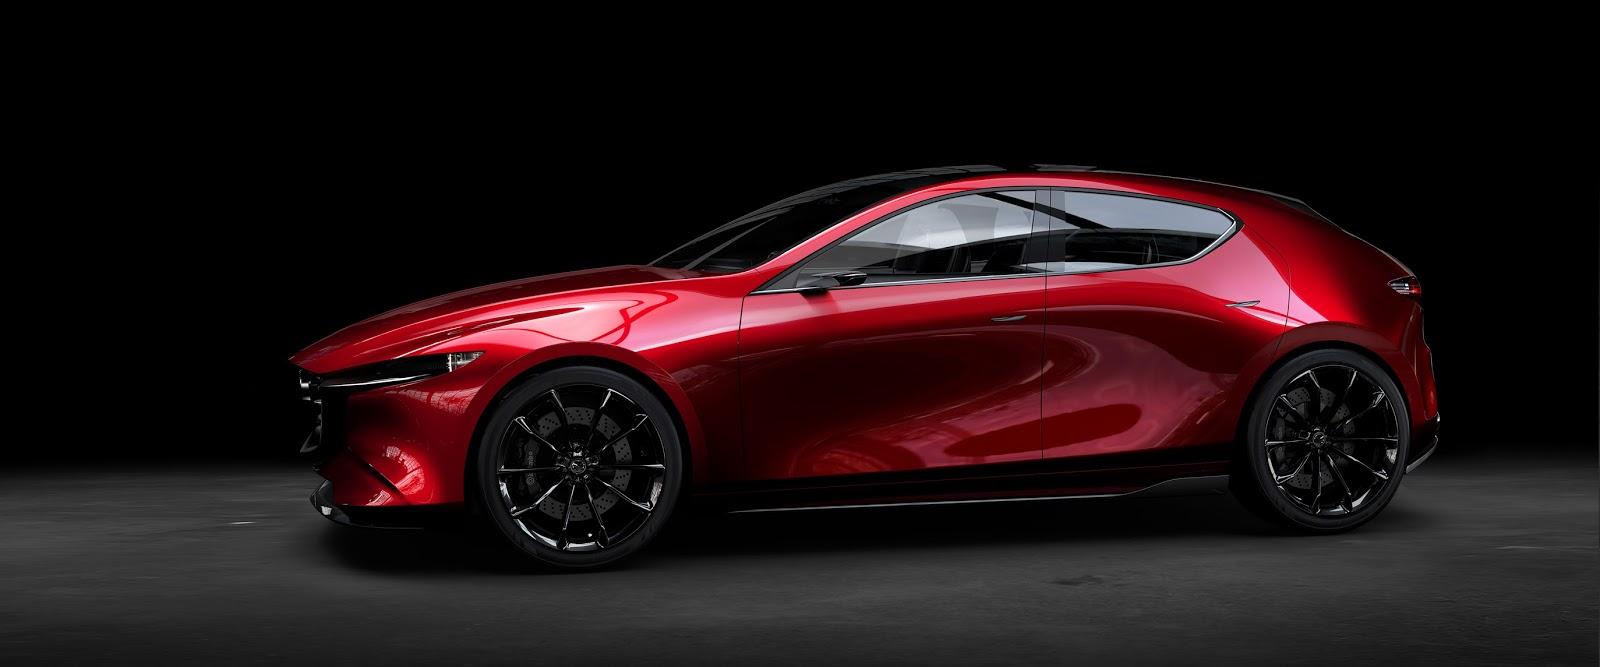 Mazda_Kai_Concept tokyo 2017 (28)